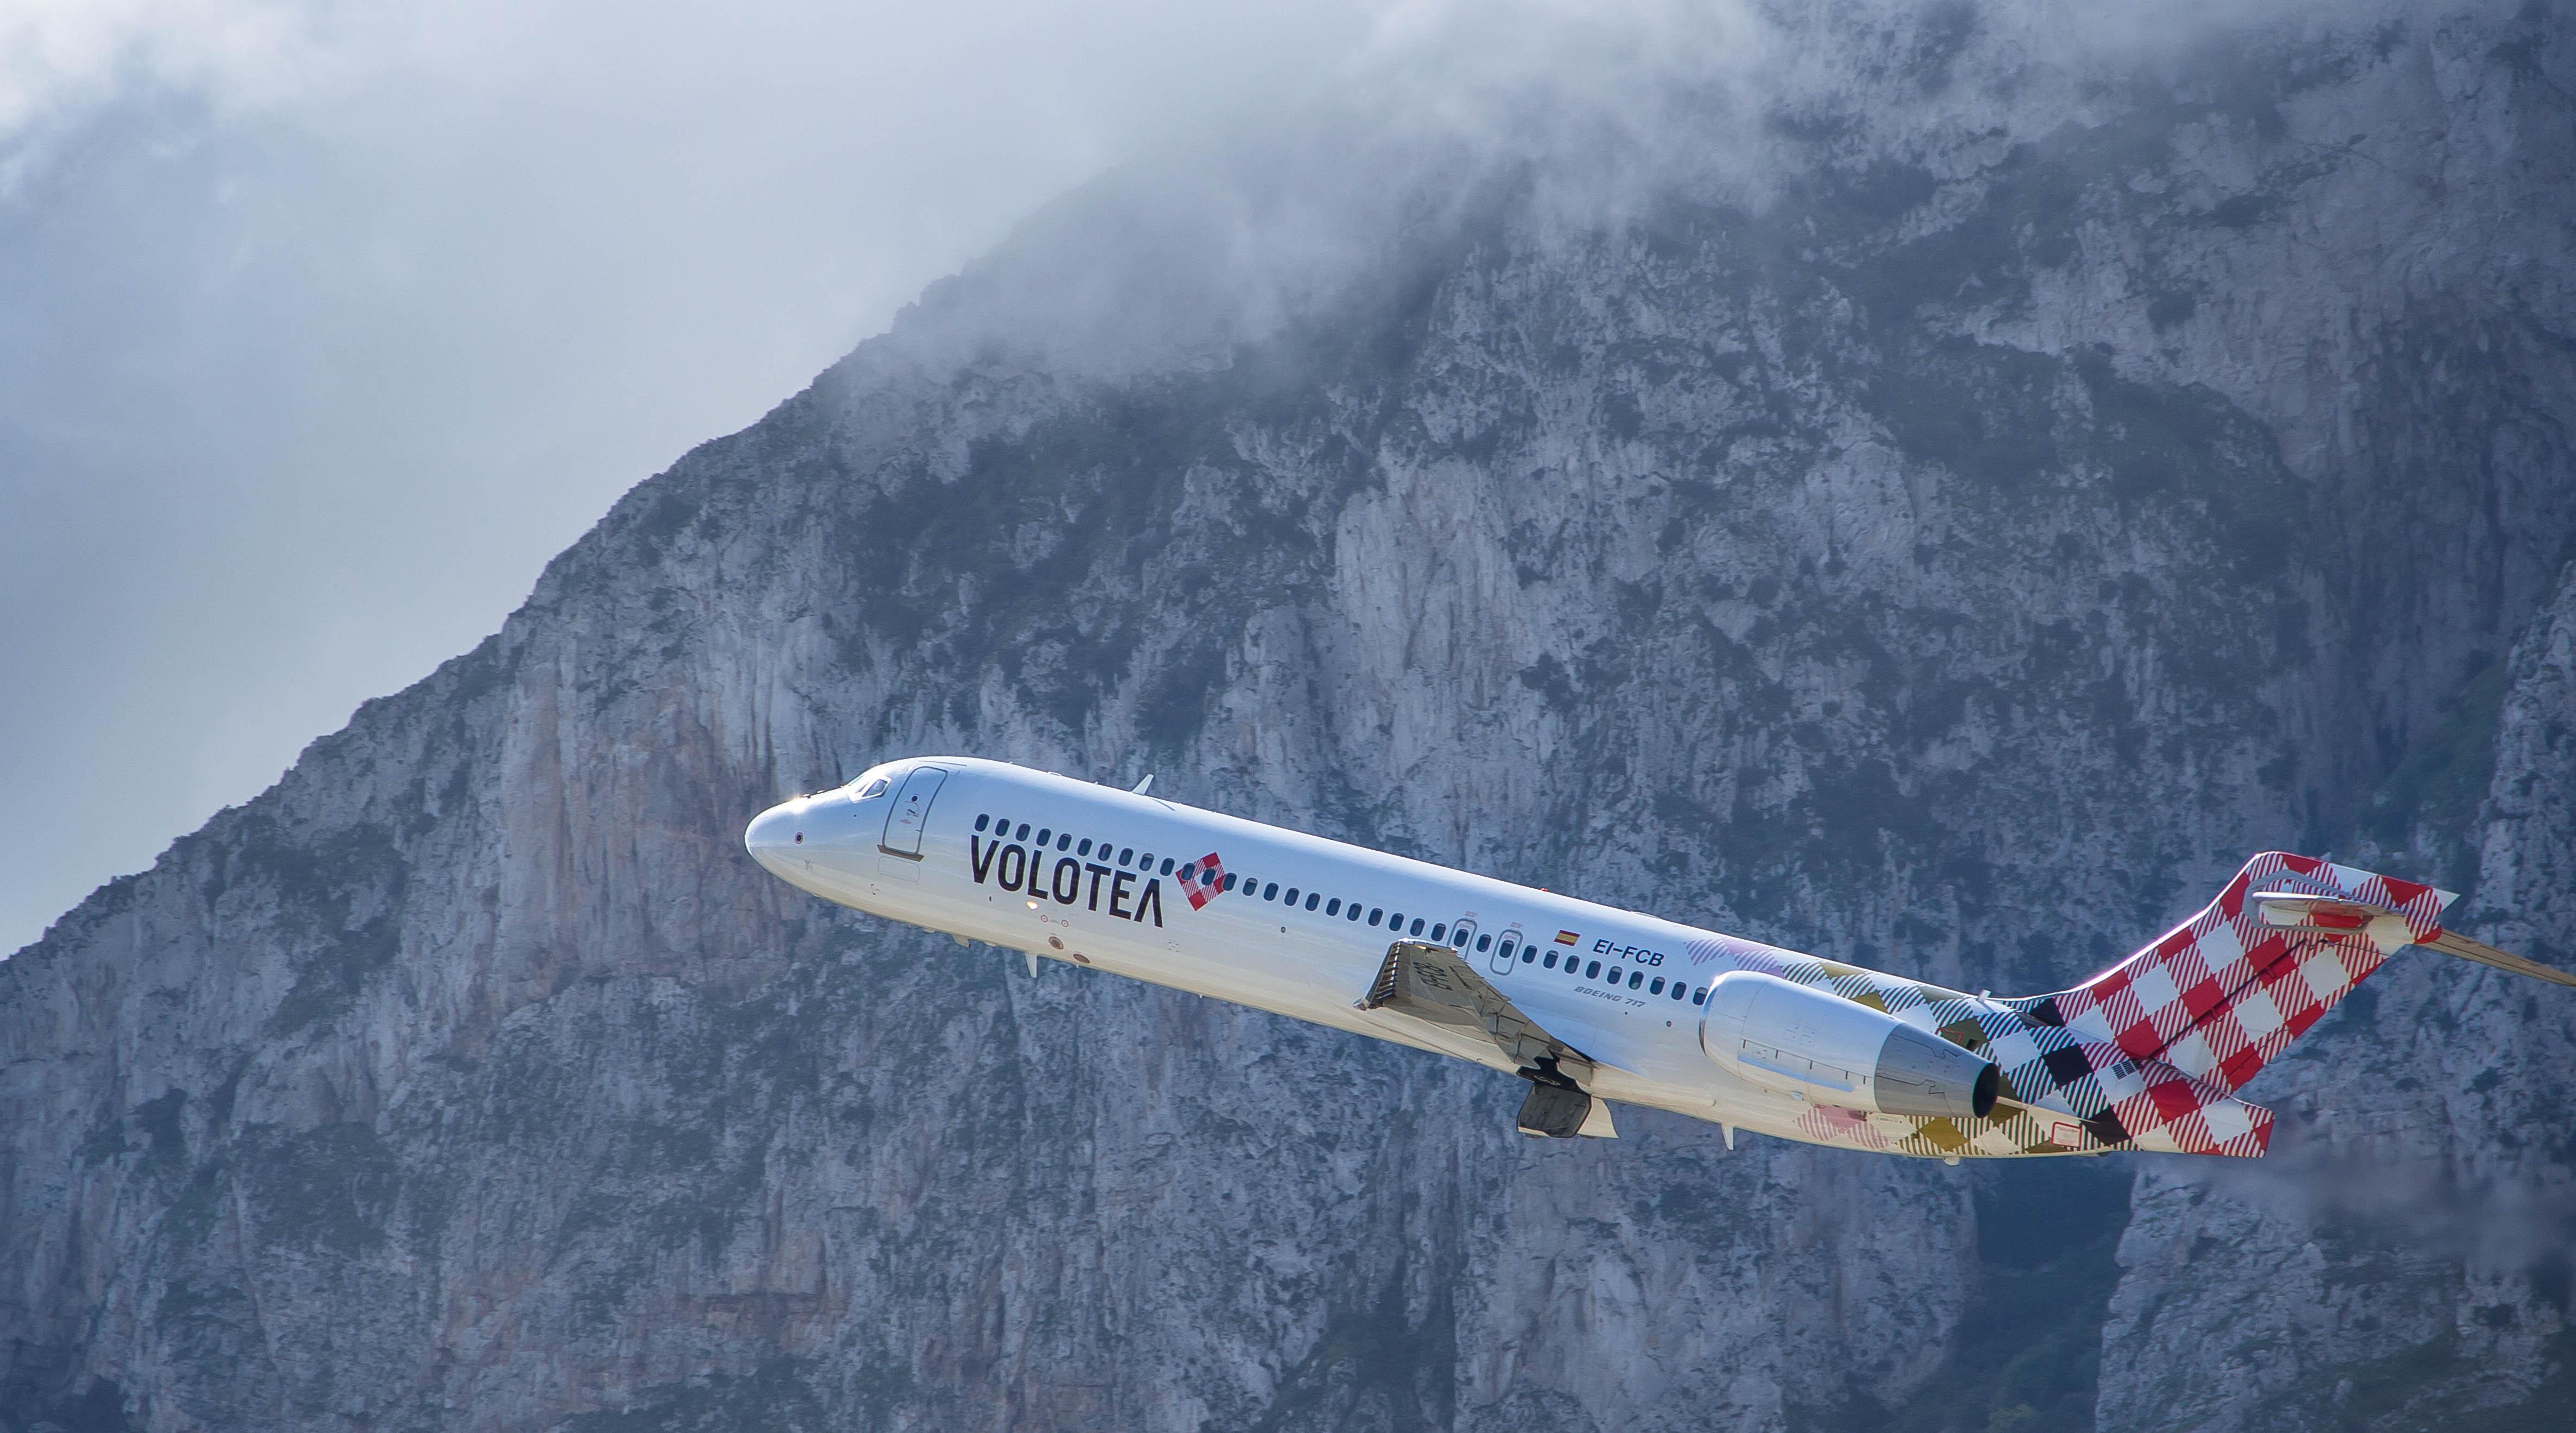 Aeroporto di Catania: Volotea annuncia la nuova rotta Catania - Olbia